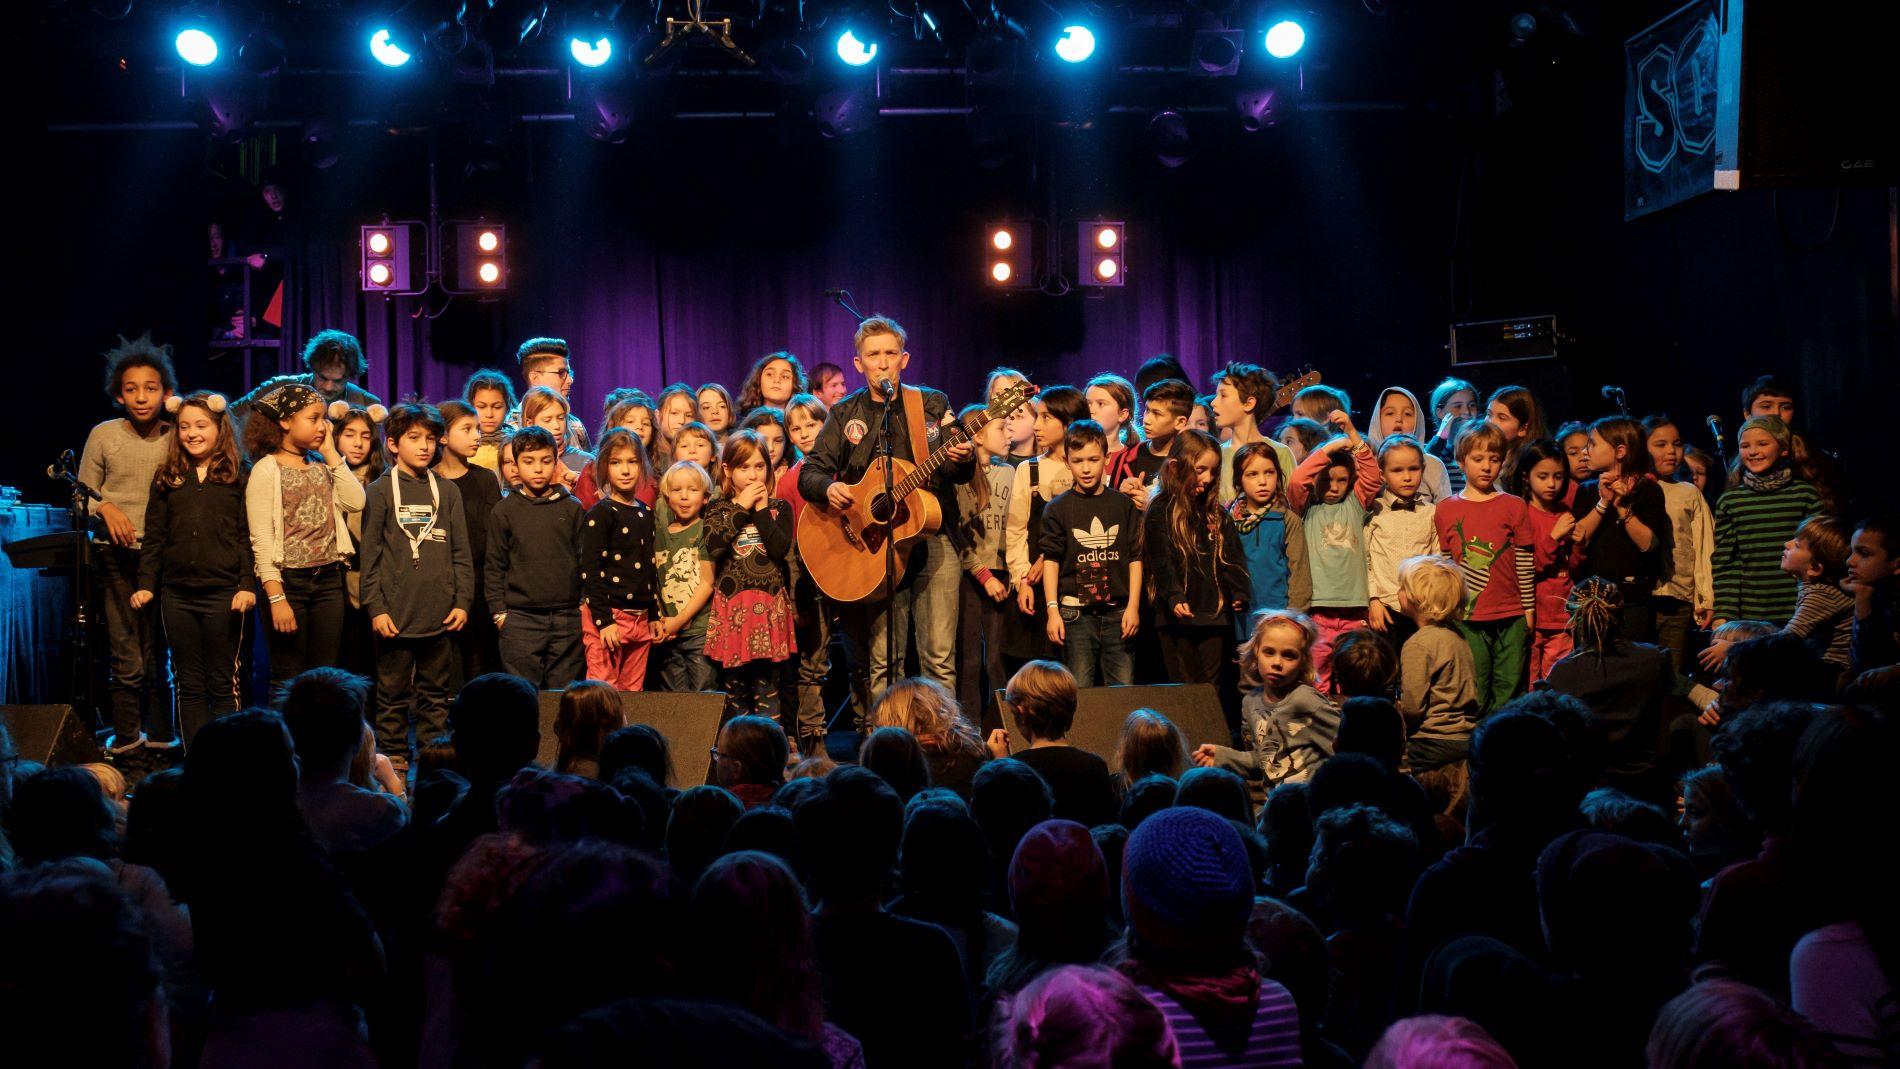 Eine Konzertsituation mit vielen Schüler*innen auf der Bühne und im Zuschauerraum